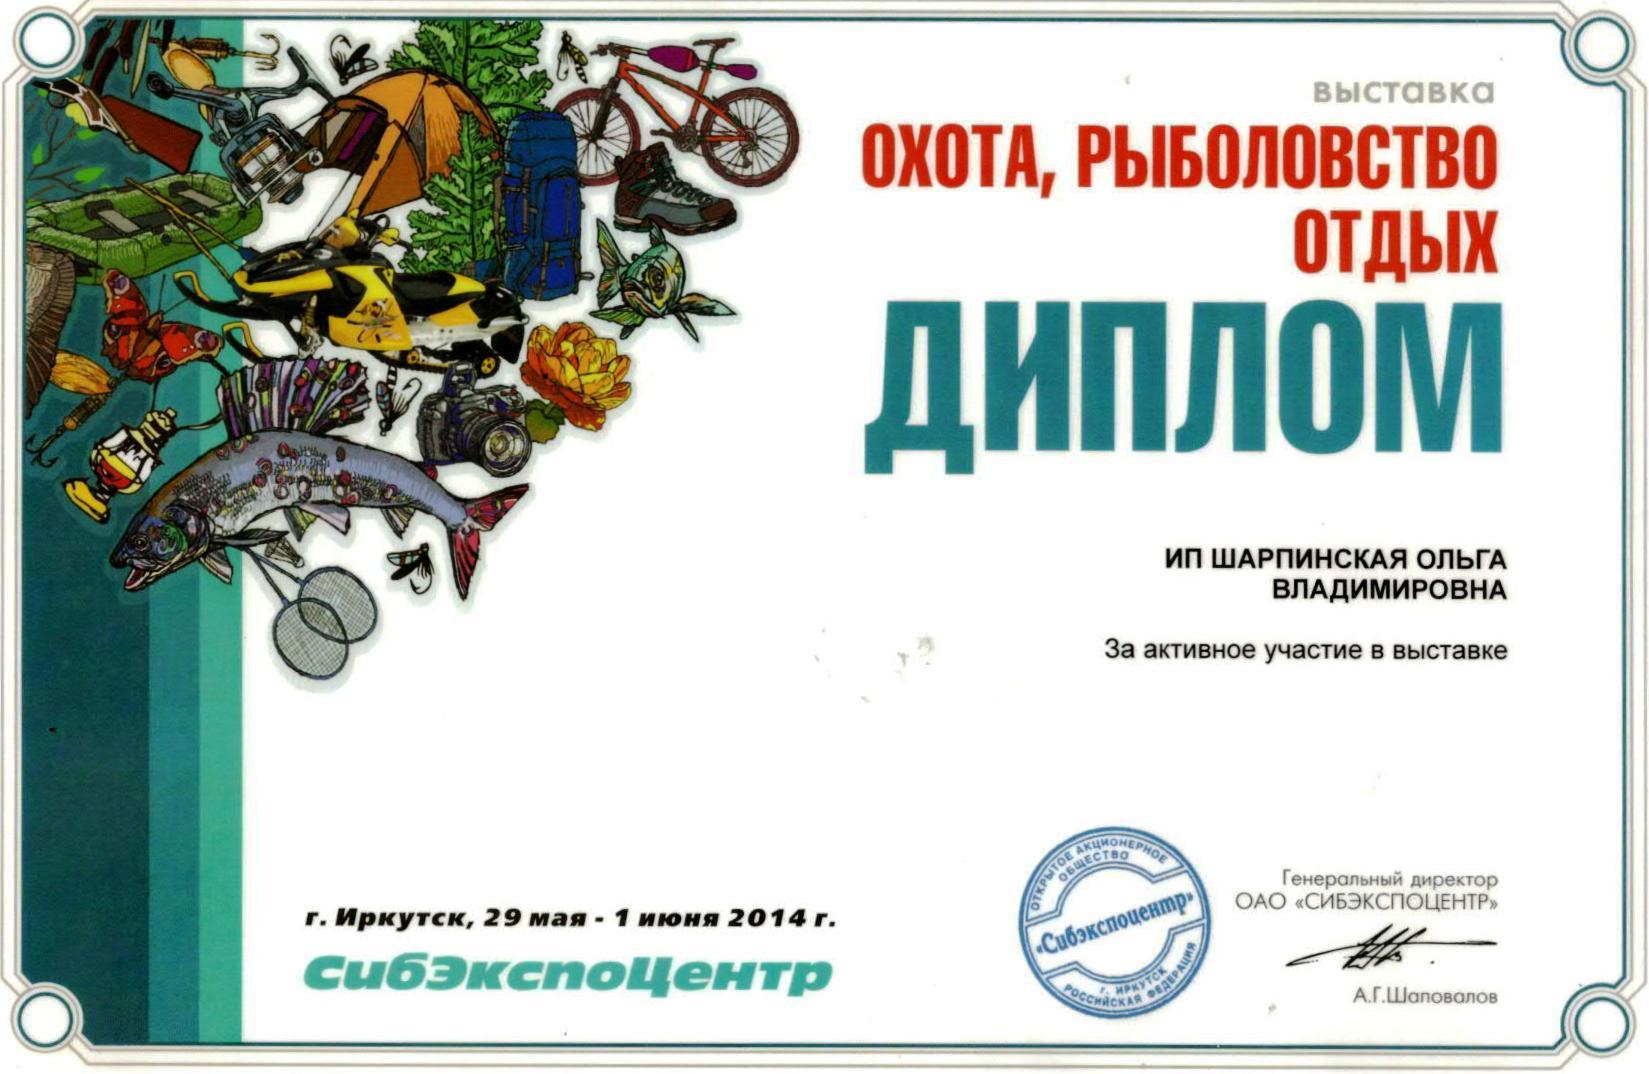 Сибэкспоцентр 2014 1